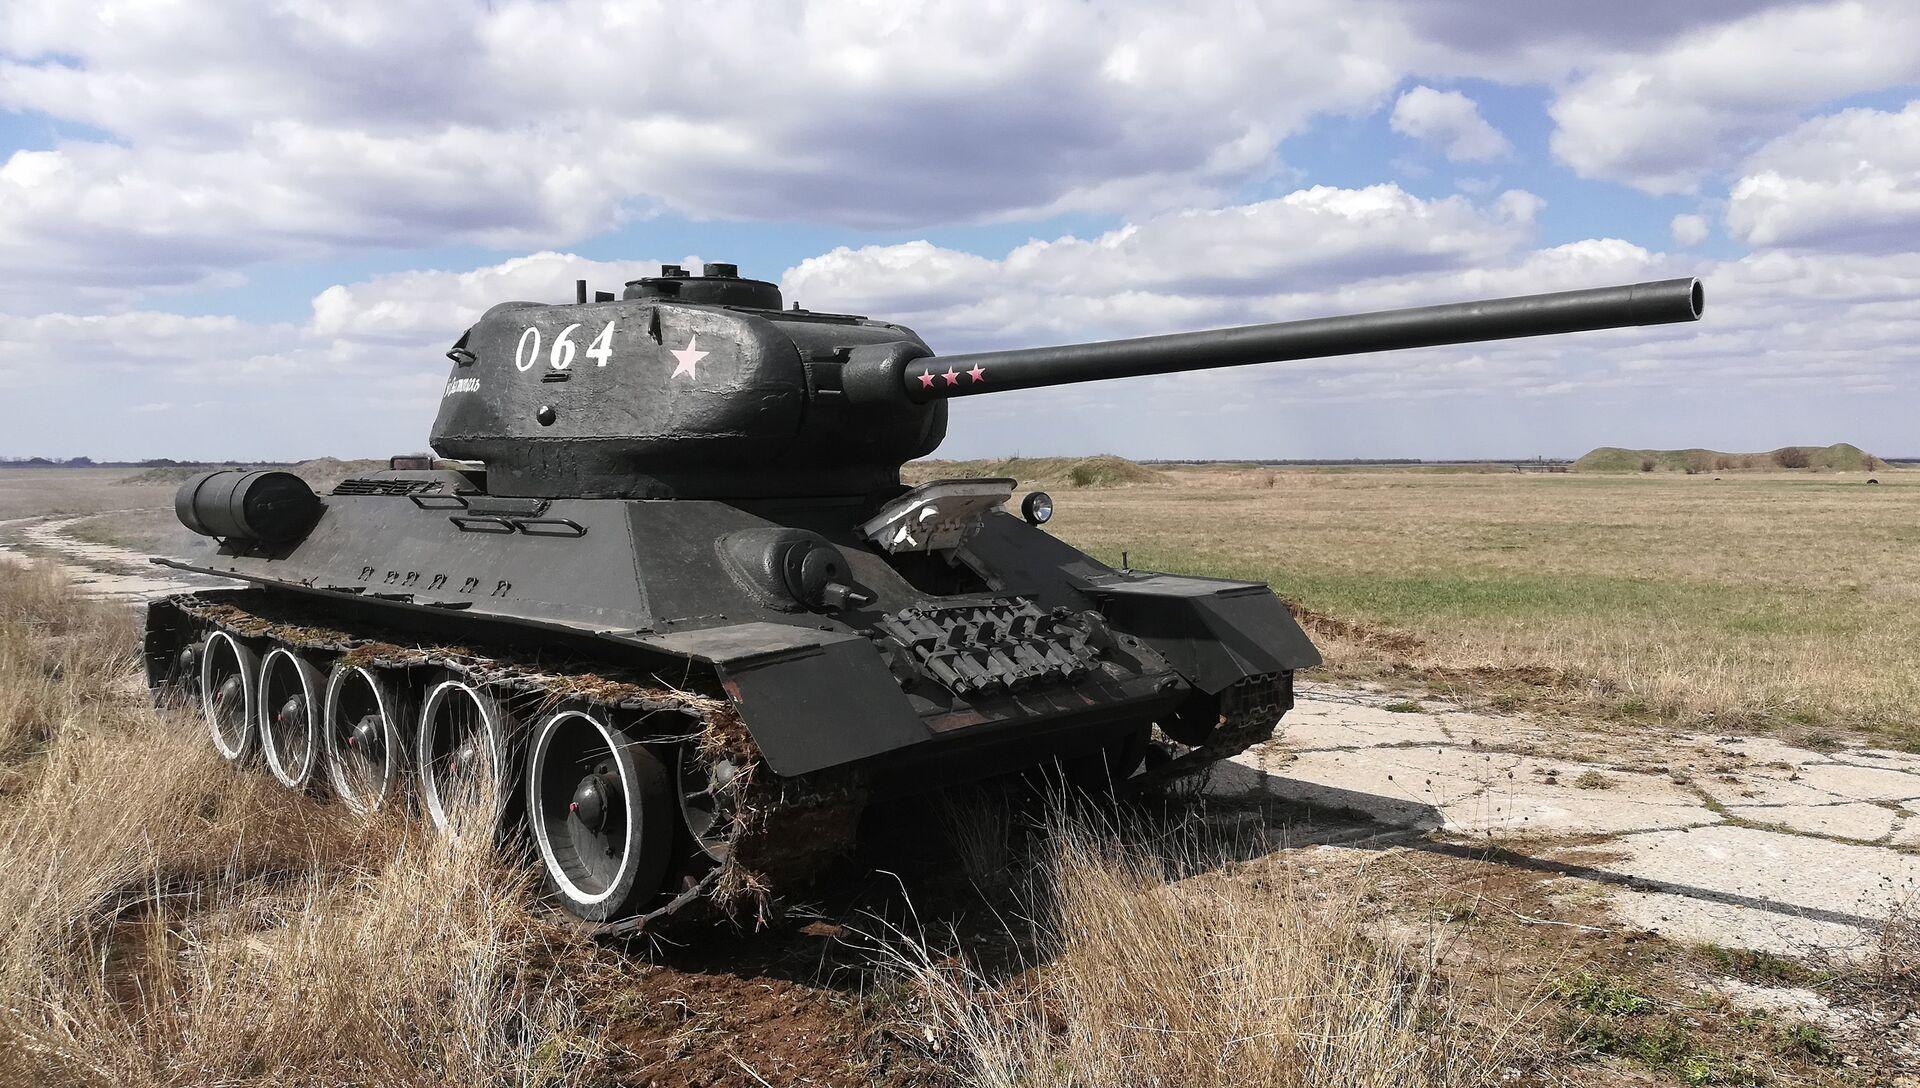 Восстановленный легендарный танк времен Великой Отечественной войны Т-34 - РИА Новости, 1920, 26.03.2021